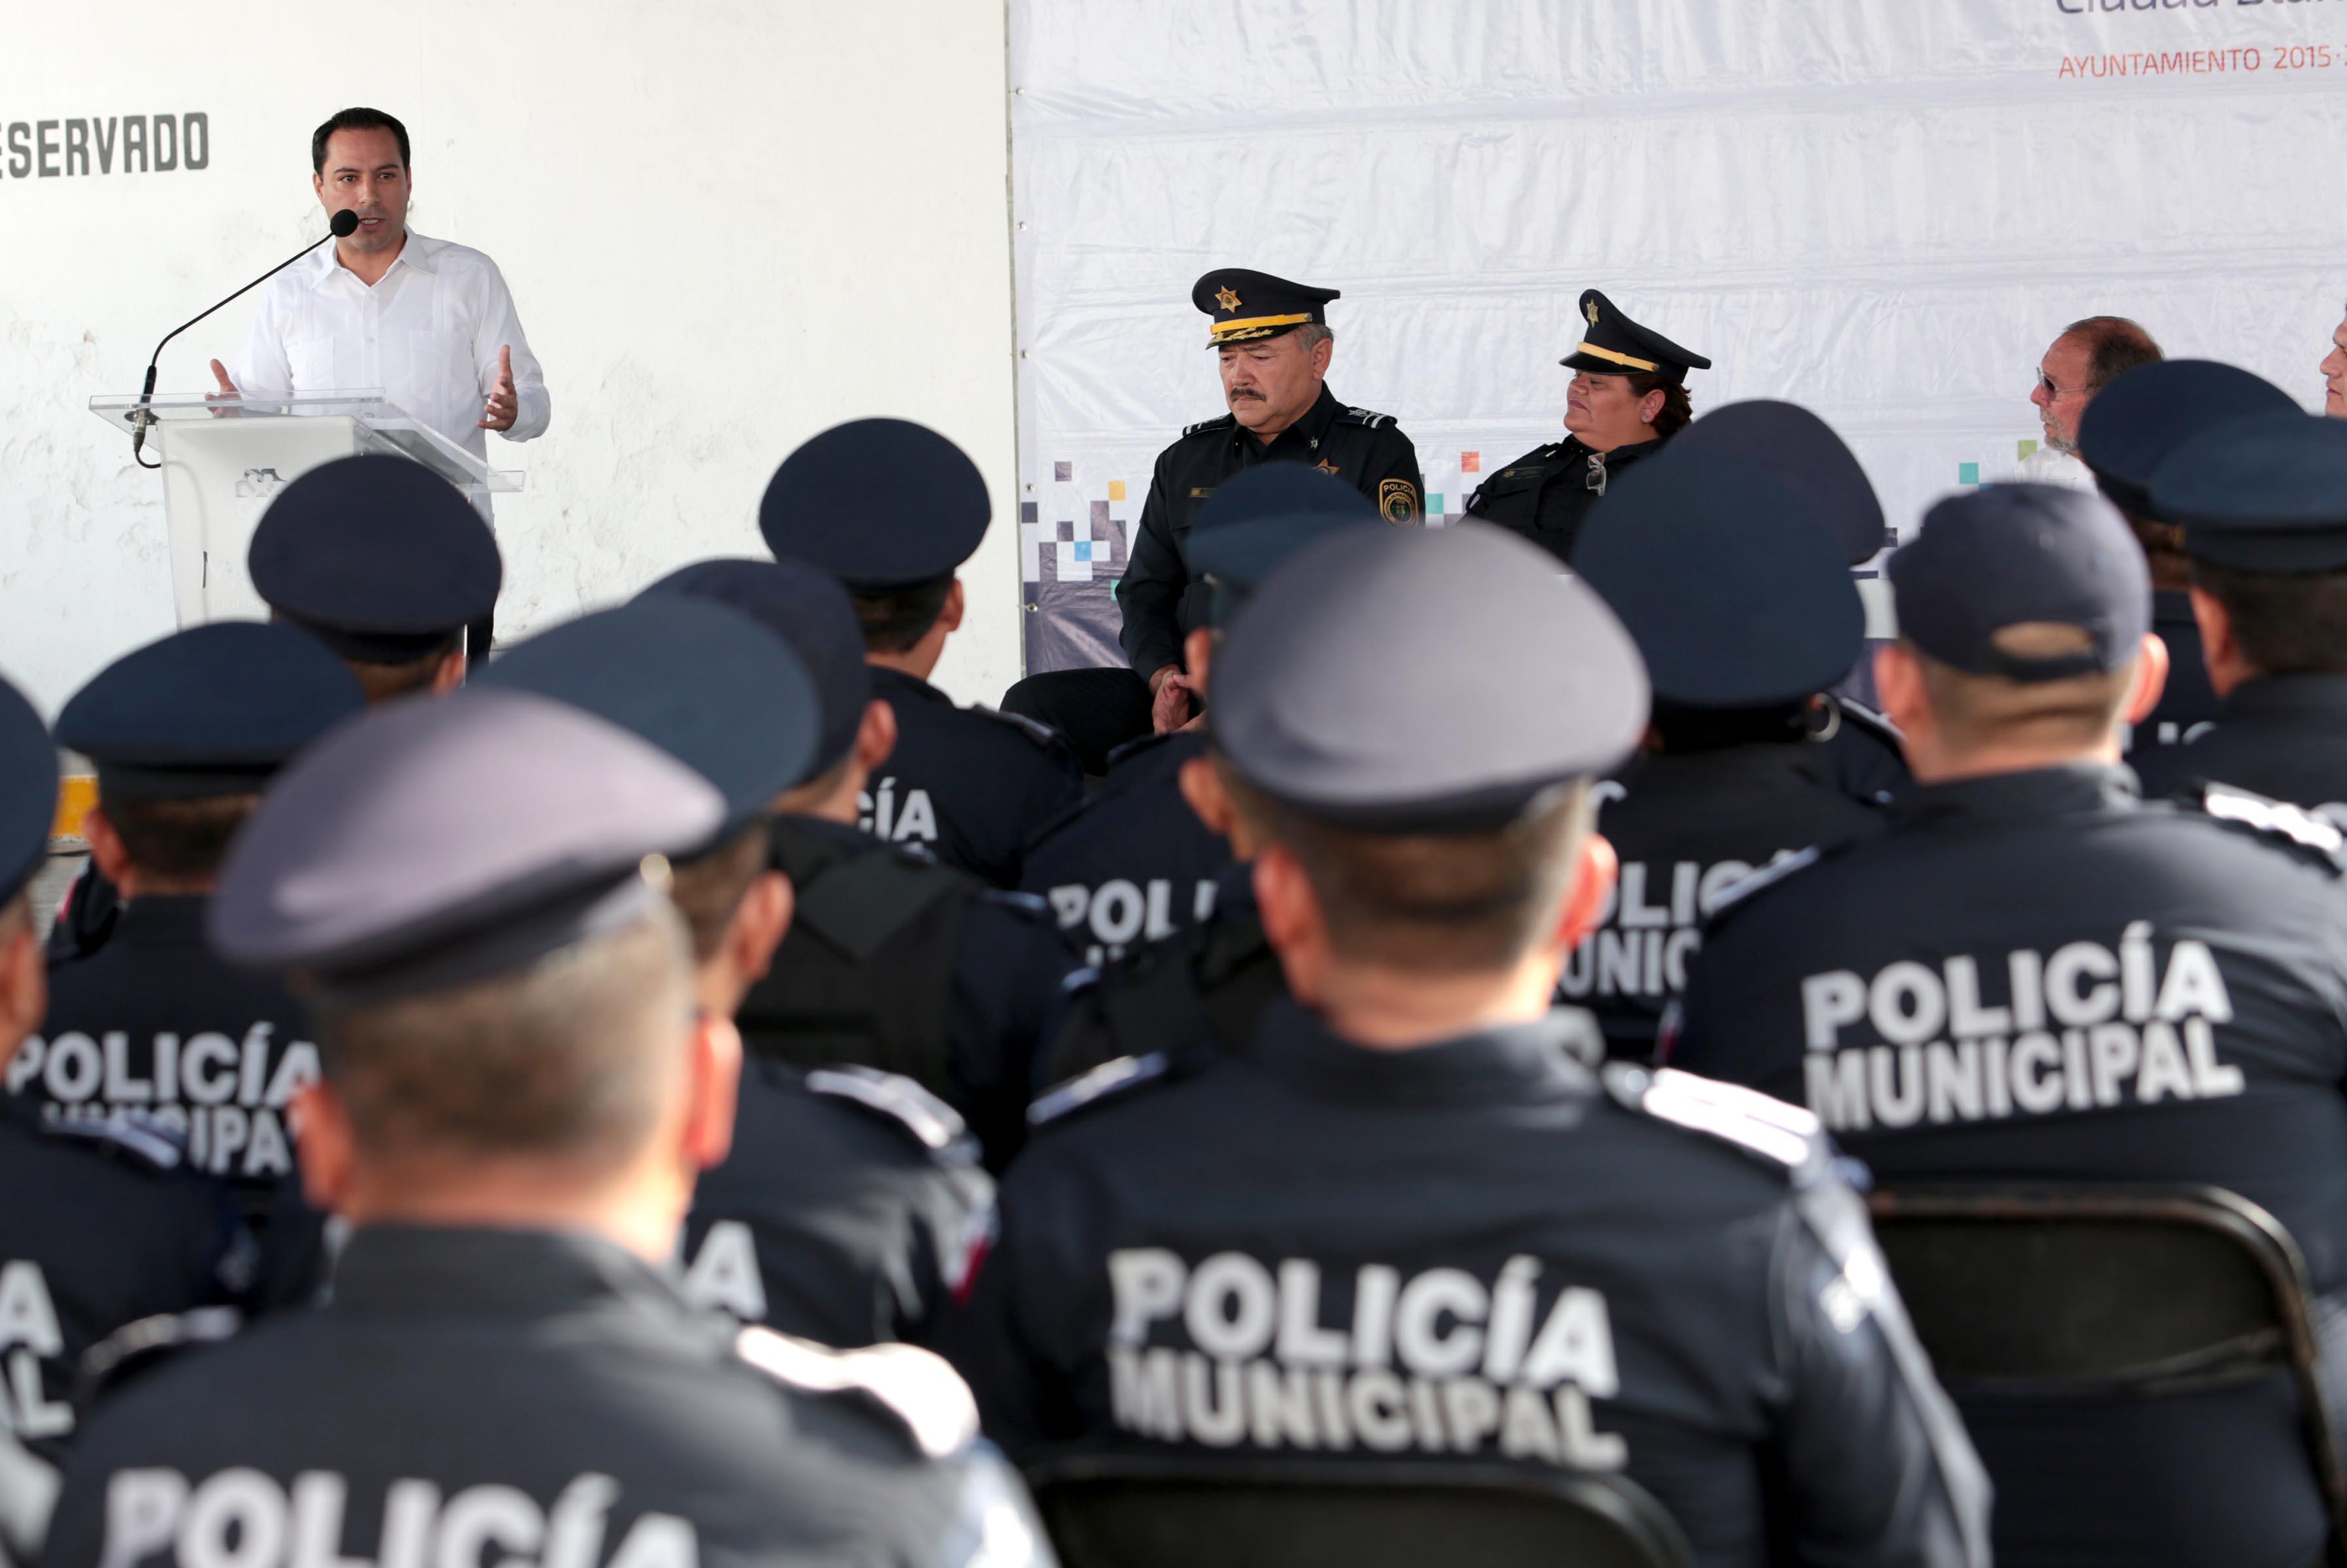 Tendrá Mérida más policías y reforzará equipo y capacitación